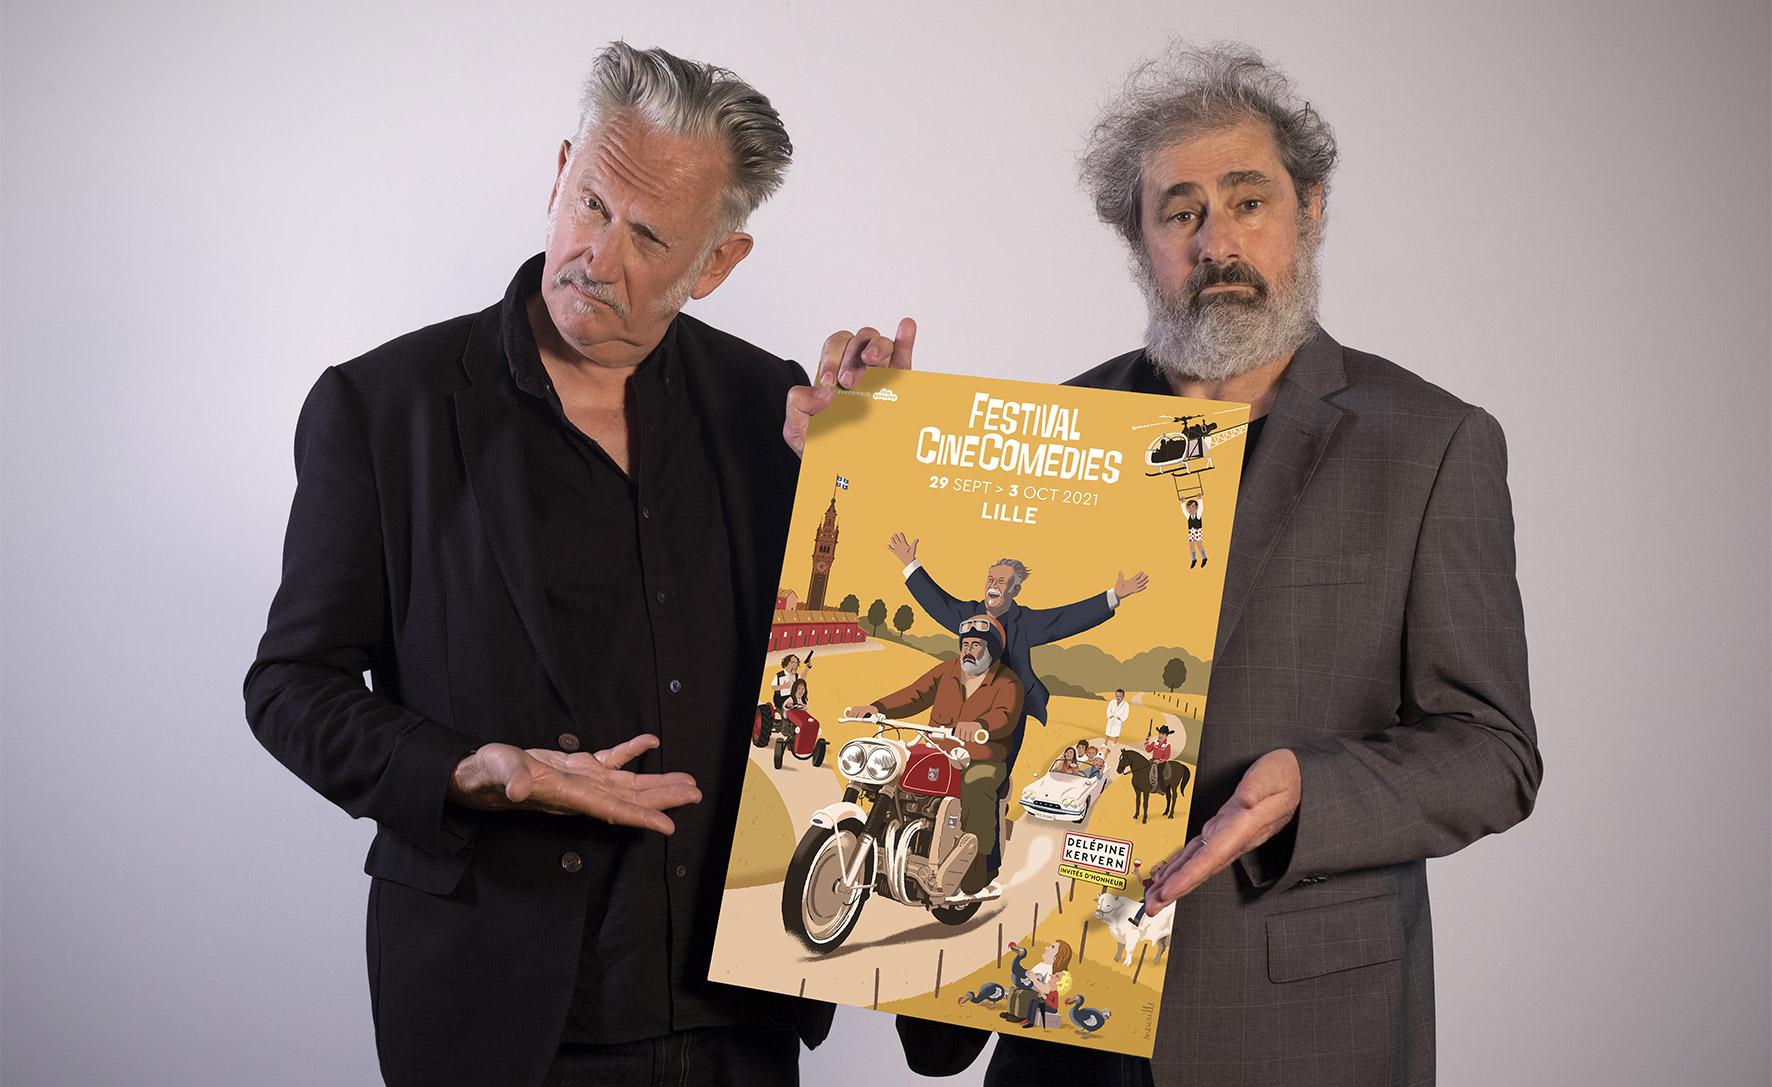 Benoît Delépine & Gustave Kervern invités d'honneur du festival CineComedies 2021 ©Bruno Tocaben